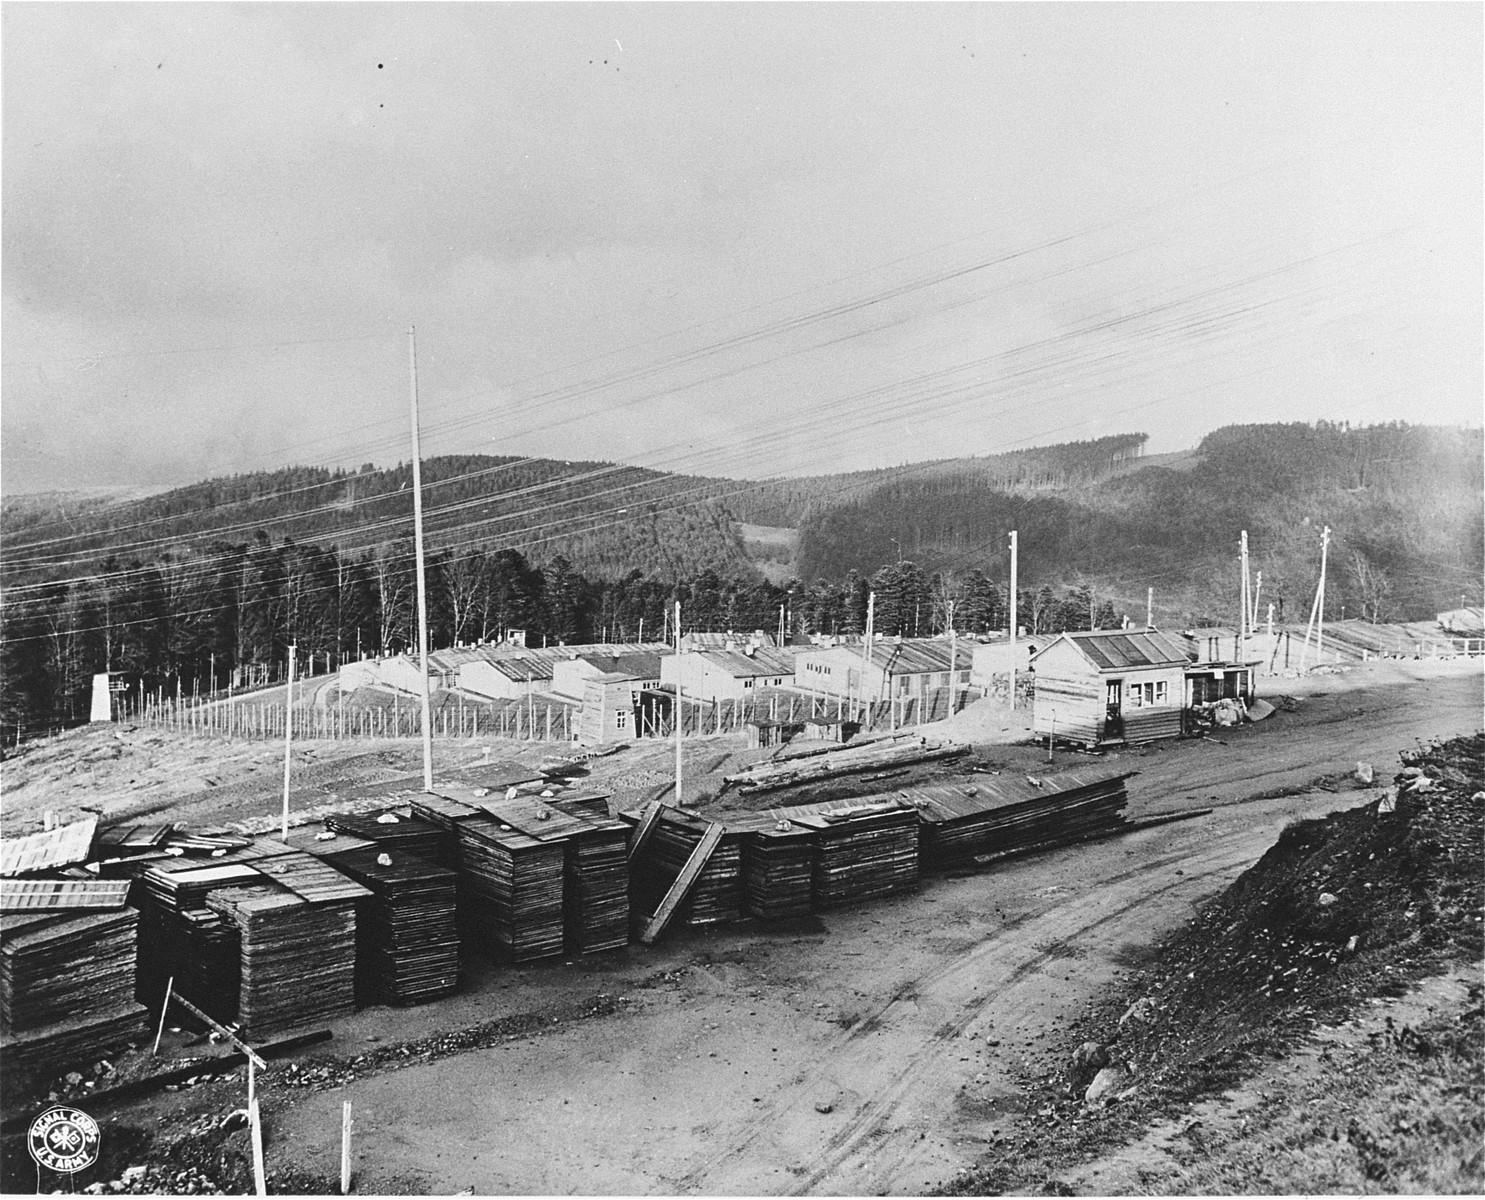 The Natzweiler-Struthof concentration camp.